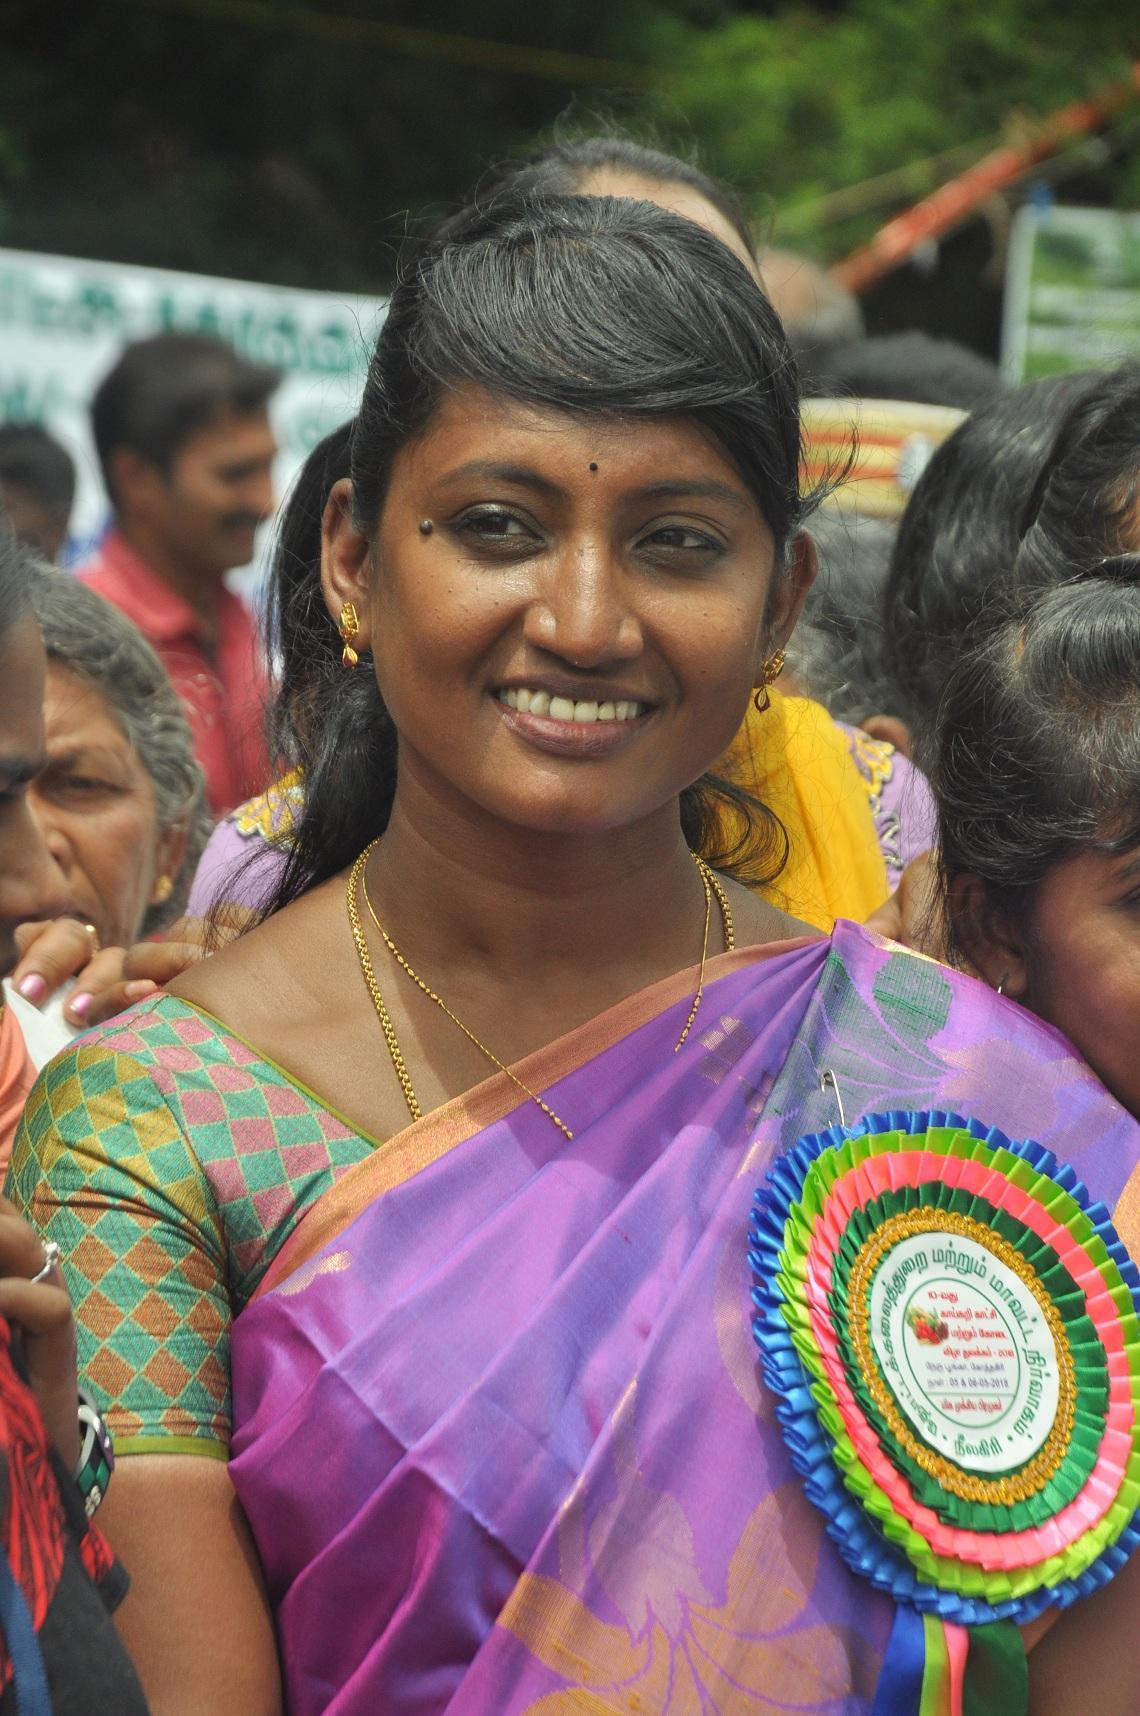 கலெக்டர் இன்னசென்ட் திவ்யா